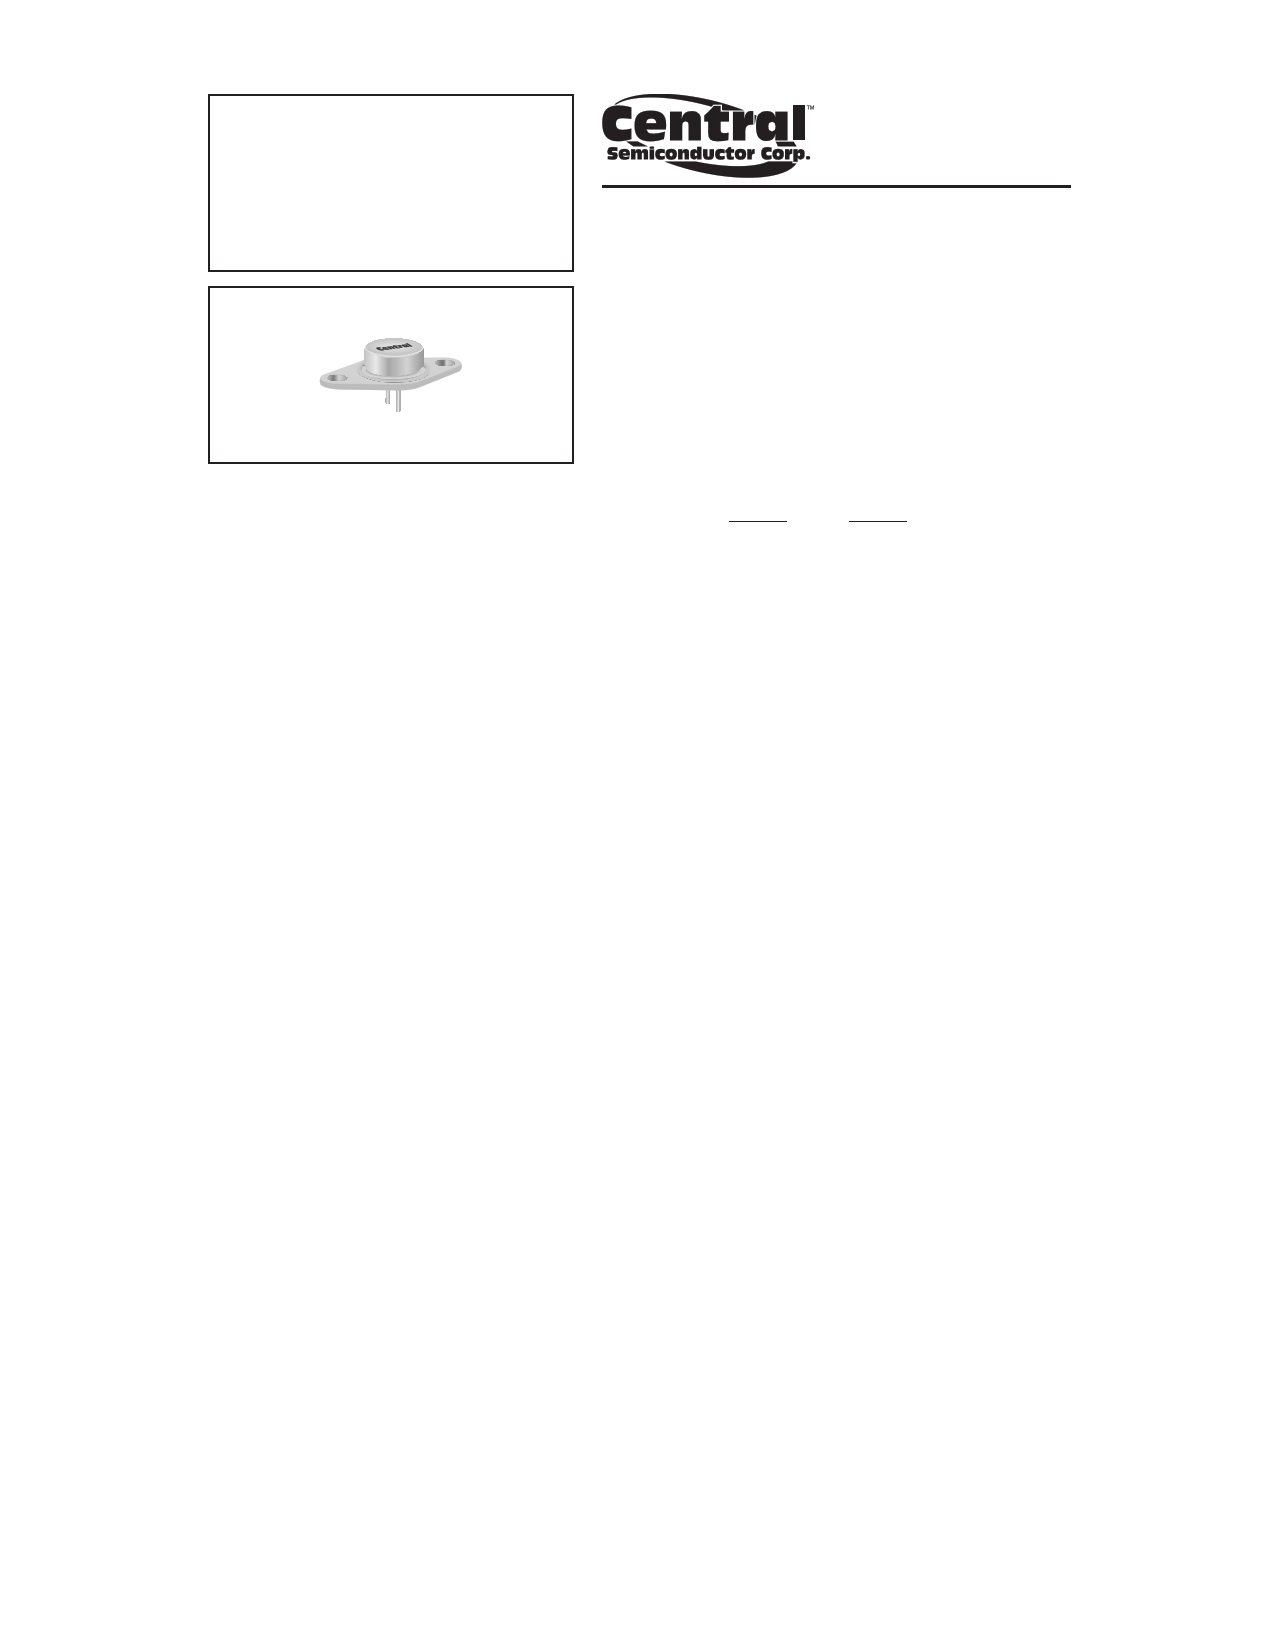 2N6301 Datasheet, 2N6301 PDF,ピン配置, 機能